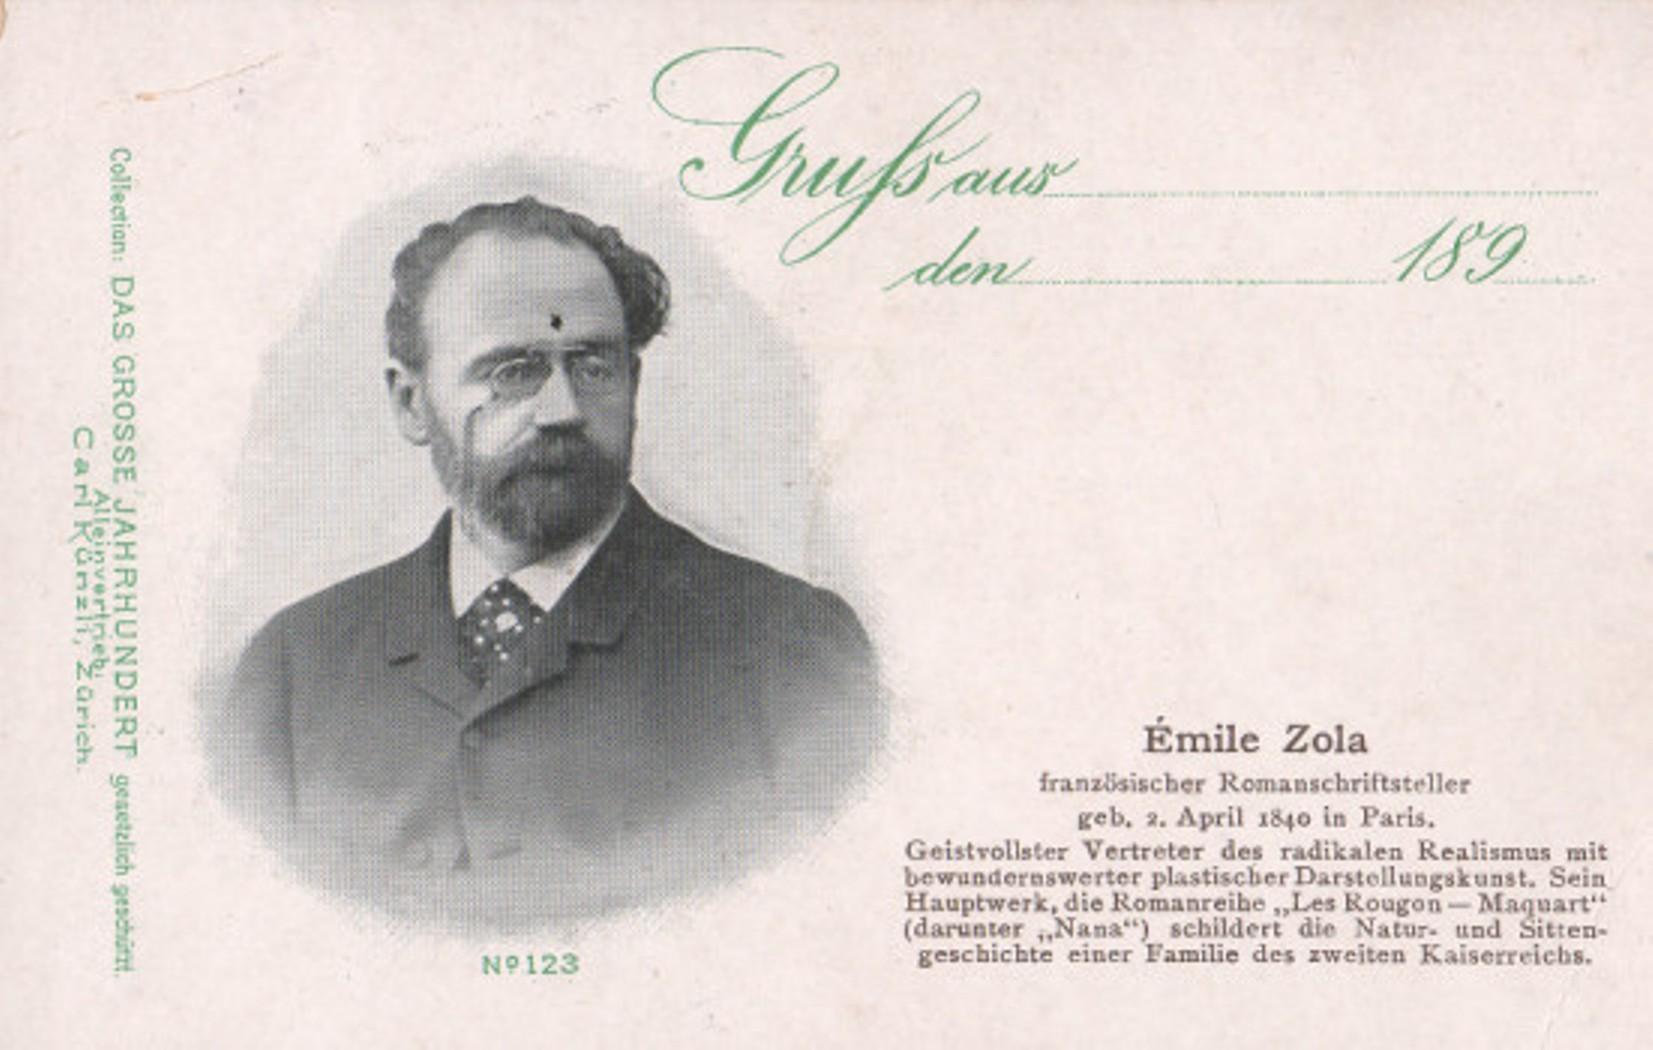 Image - Carte postale suisse représentant Emile Zola